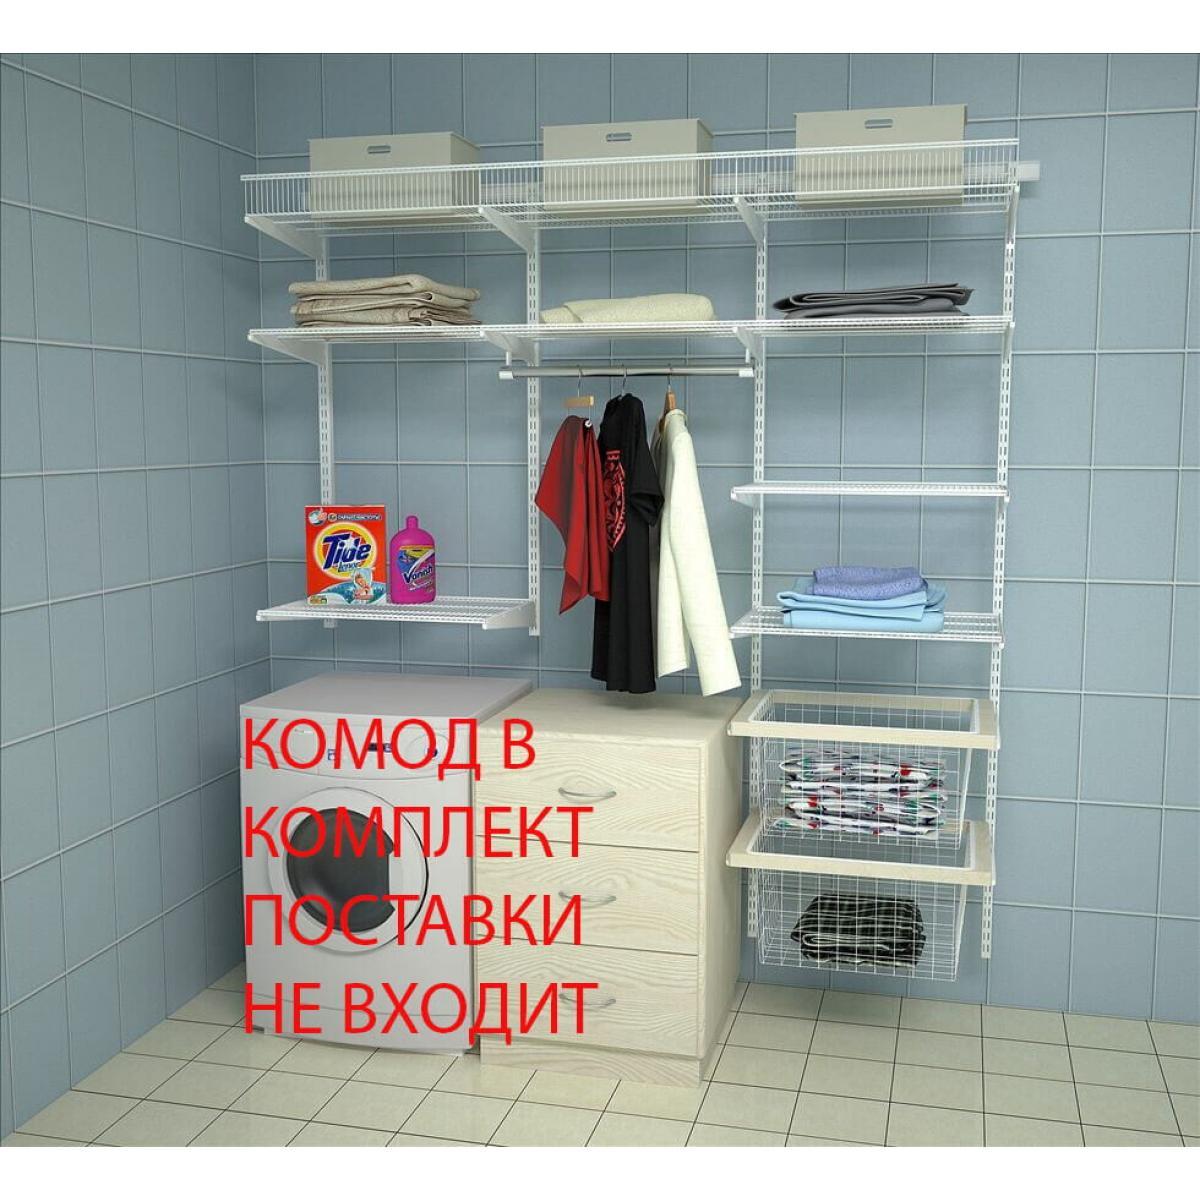 Прачечная - от компании ПАРУС  №1